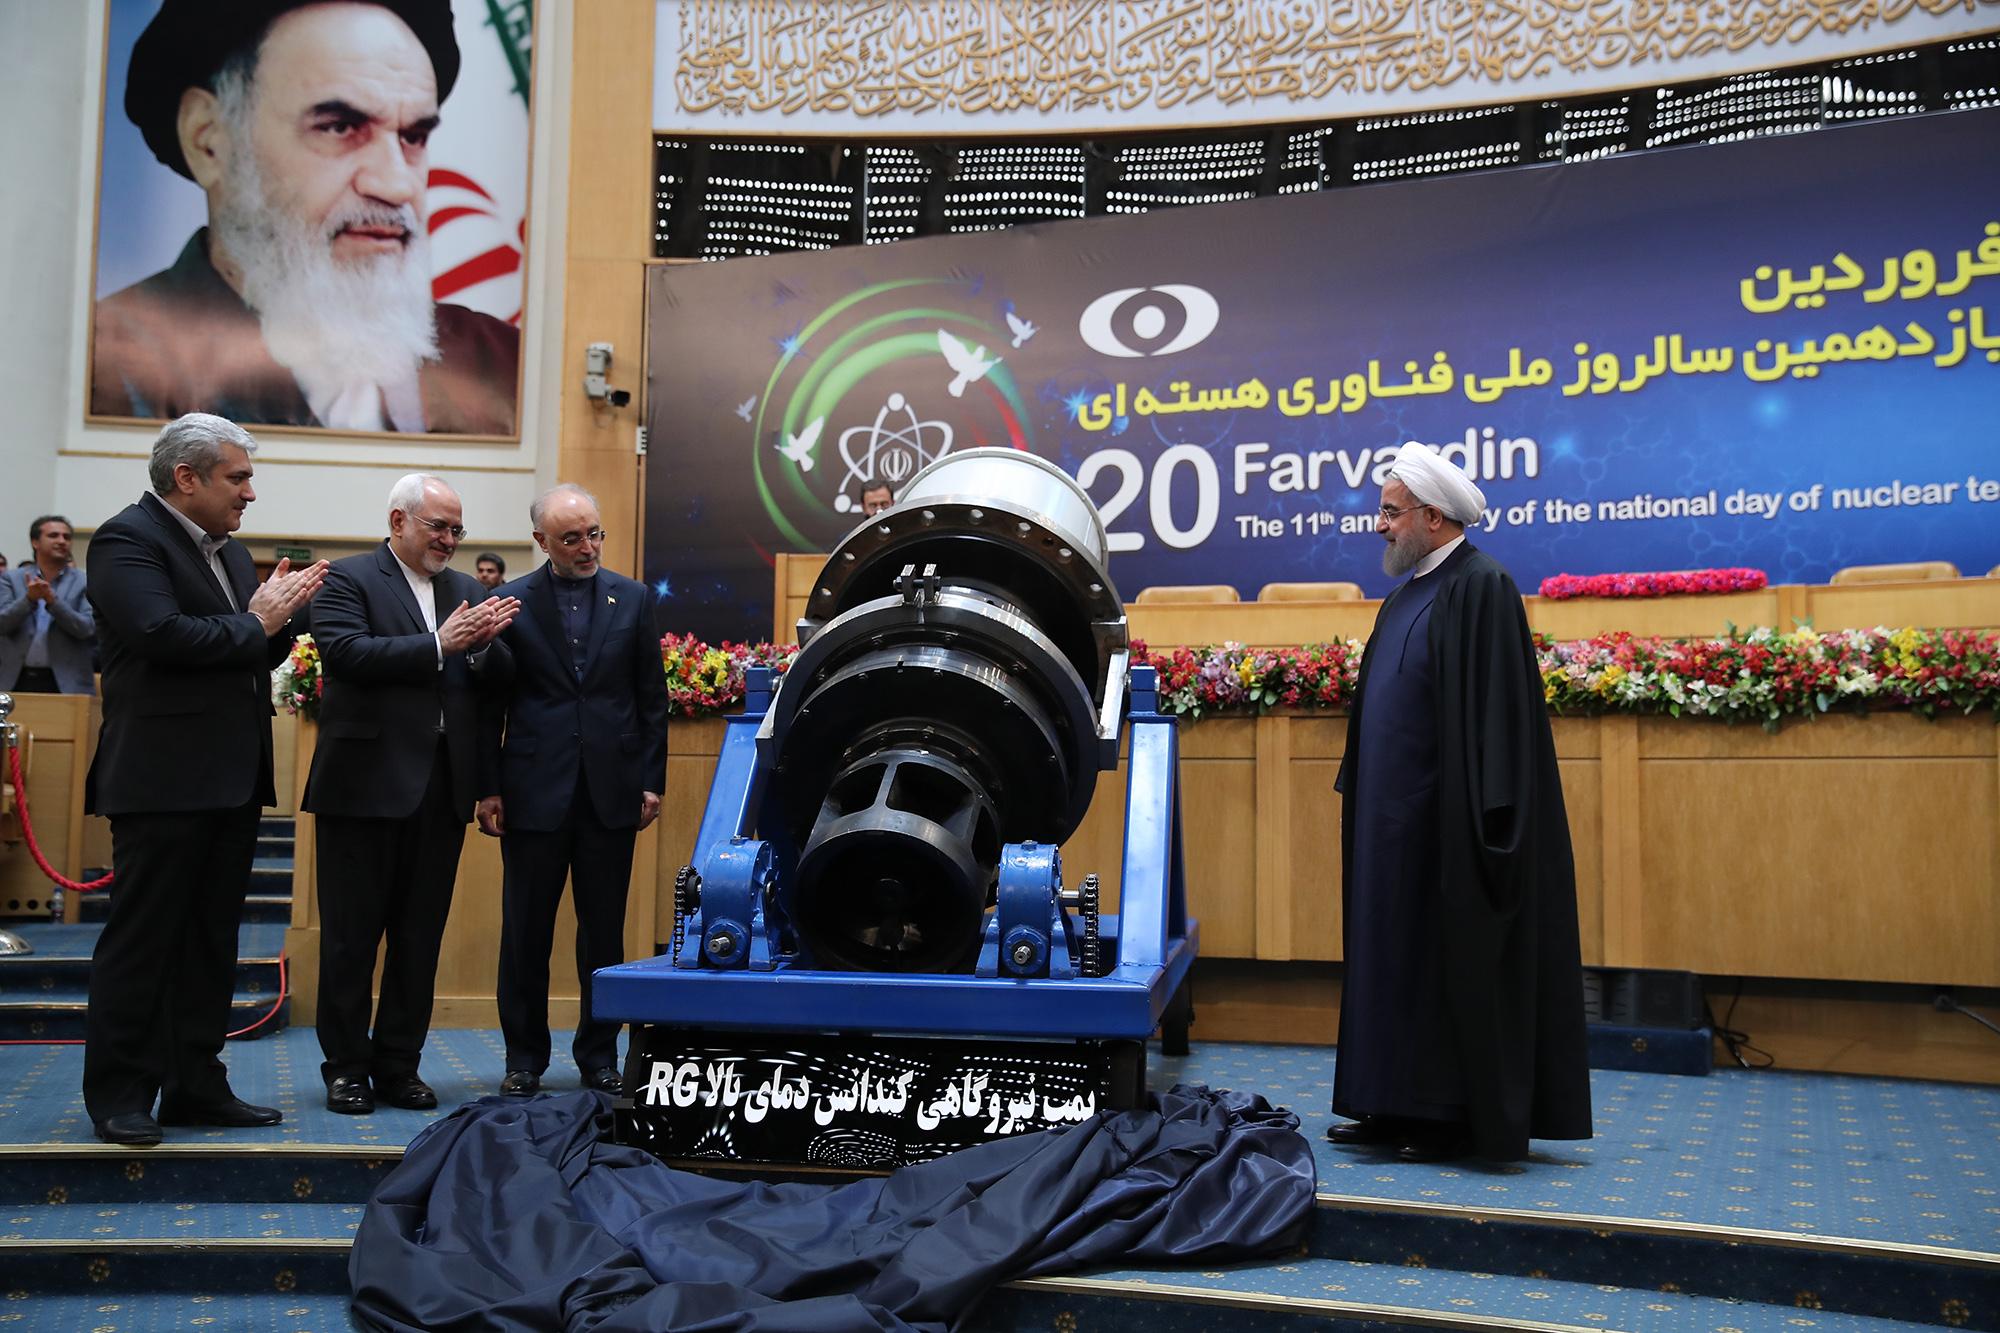 رونمایی دو دستاورد سازمان انرژی اتمی و سه مرکز مهم هسته ای توسط رئیس جمهور